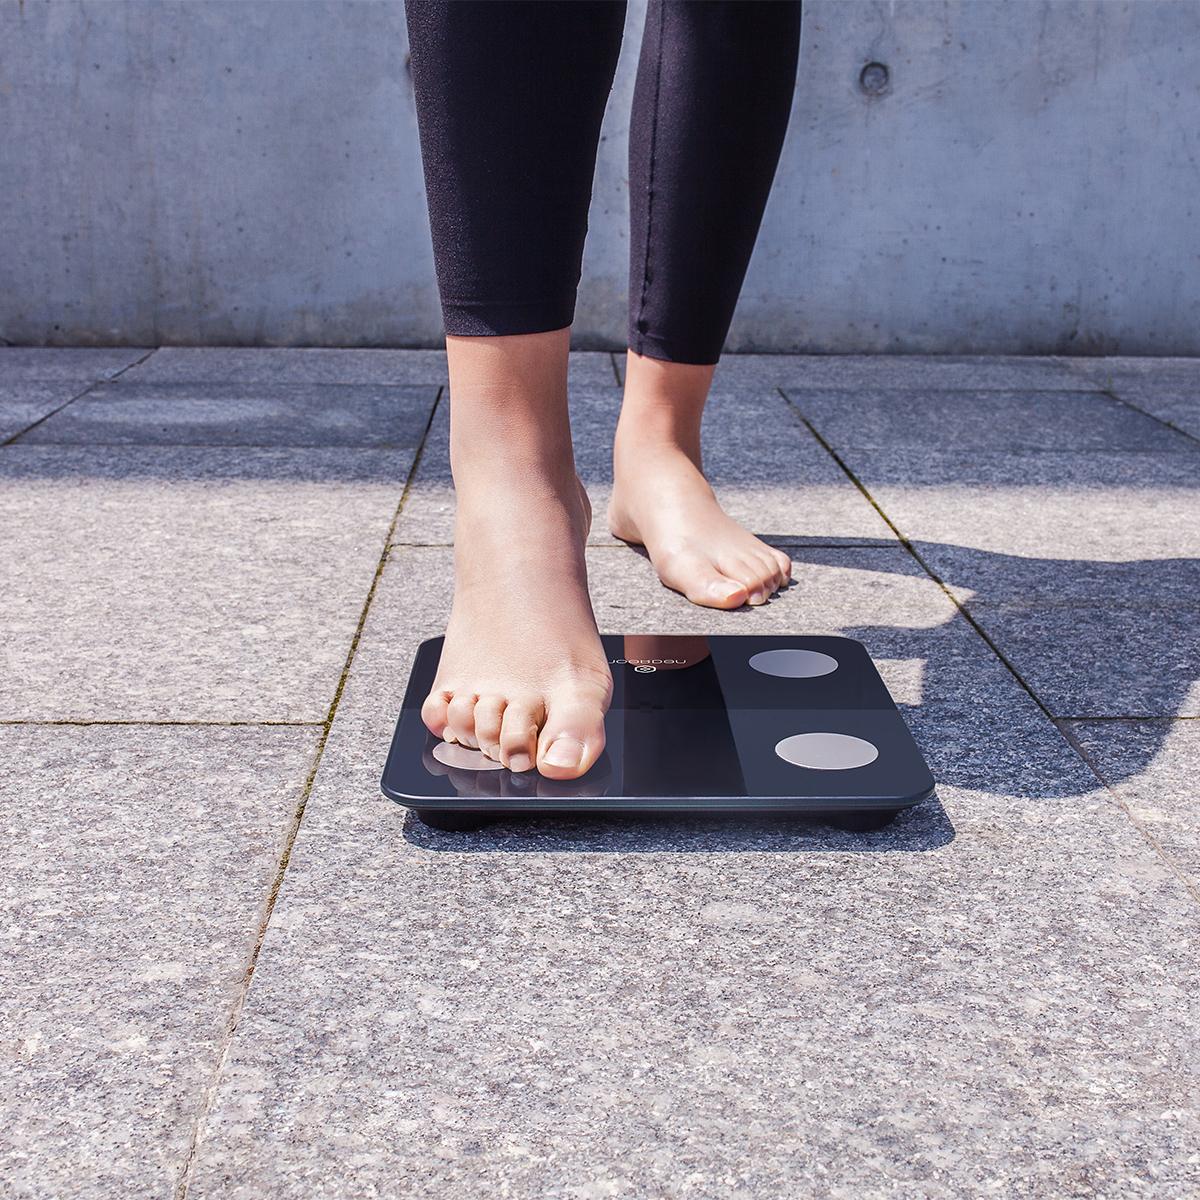 9種の体内データをアプリに自動で記録。自然とやる気が出て、毎日の測定が楽しみになる「スマート体重計」|MINIMI(ミニミ)